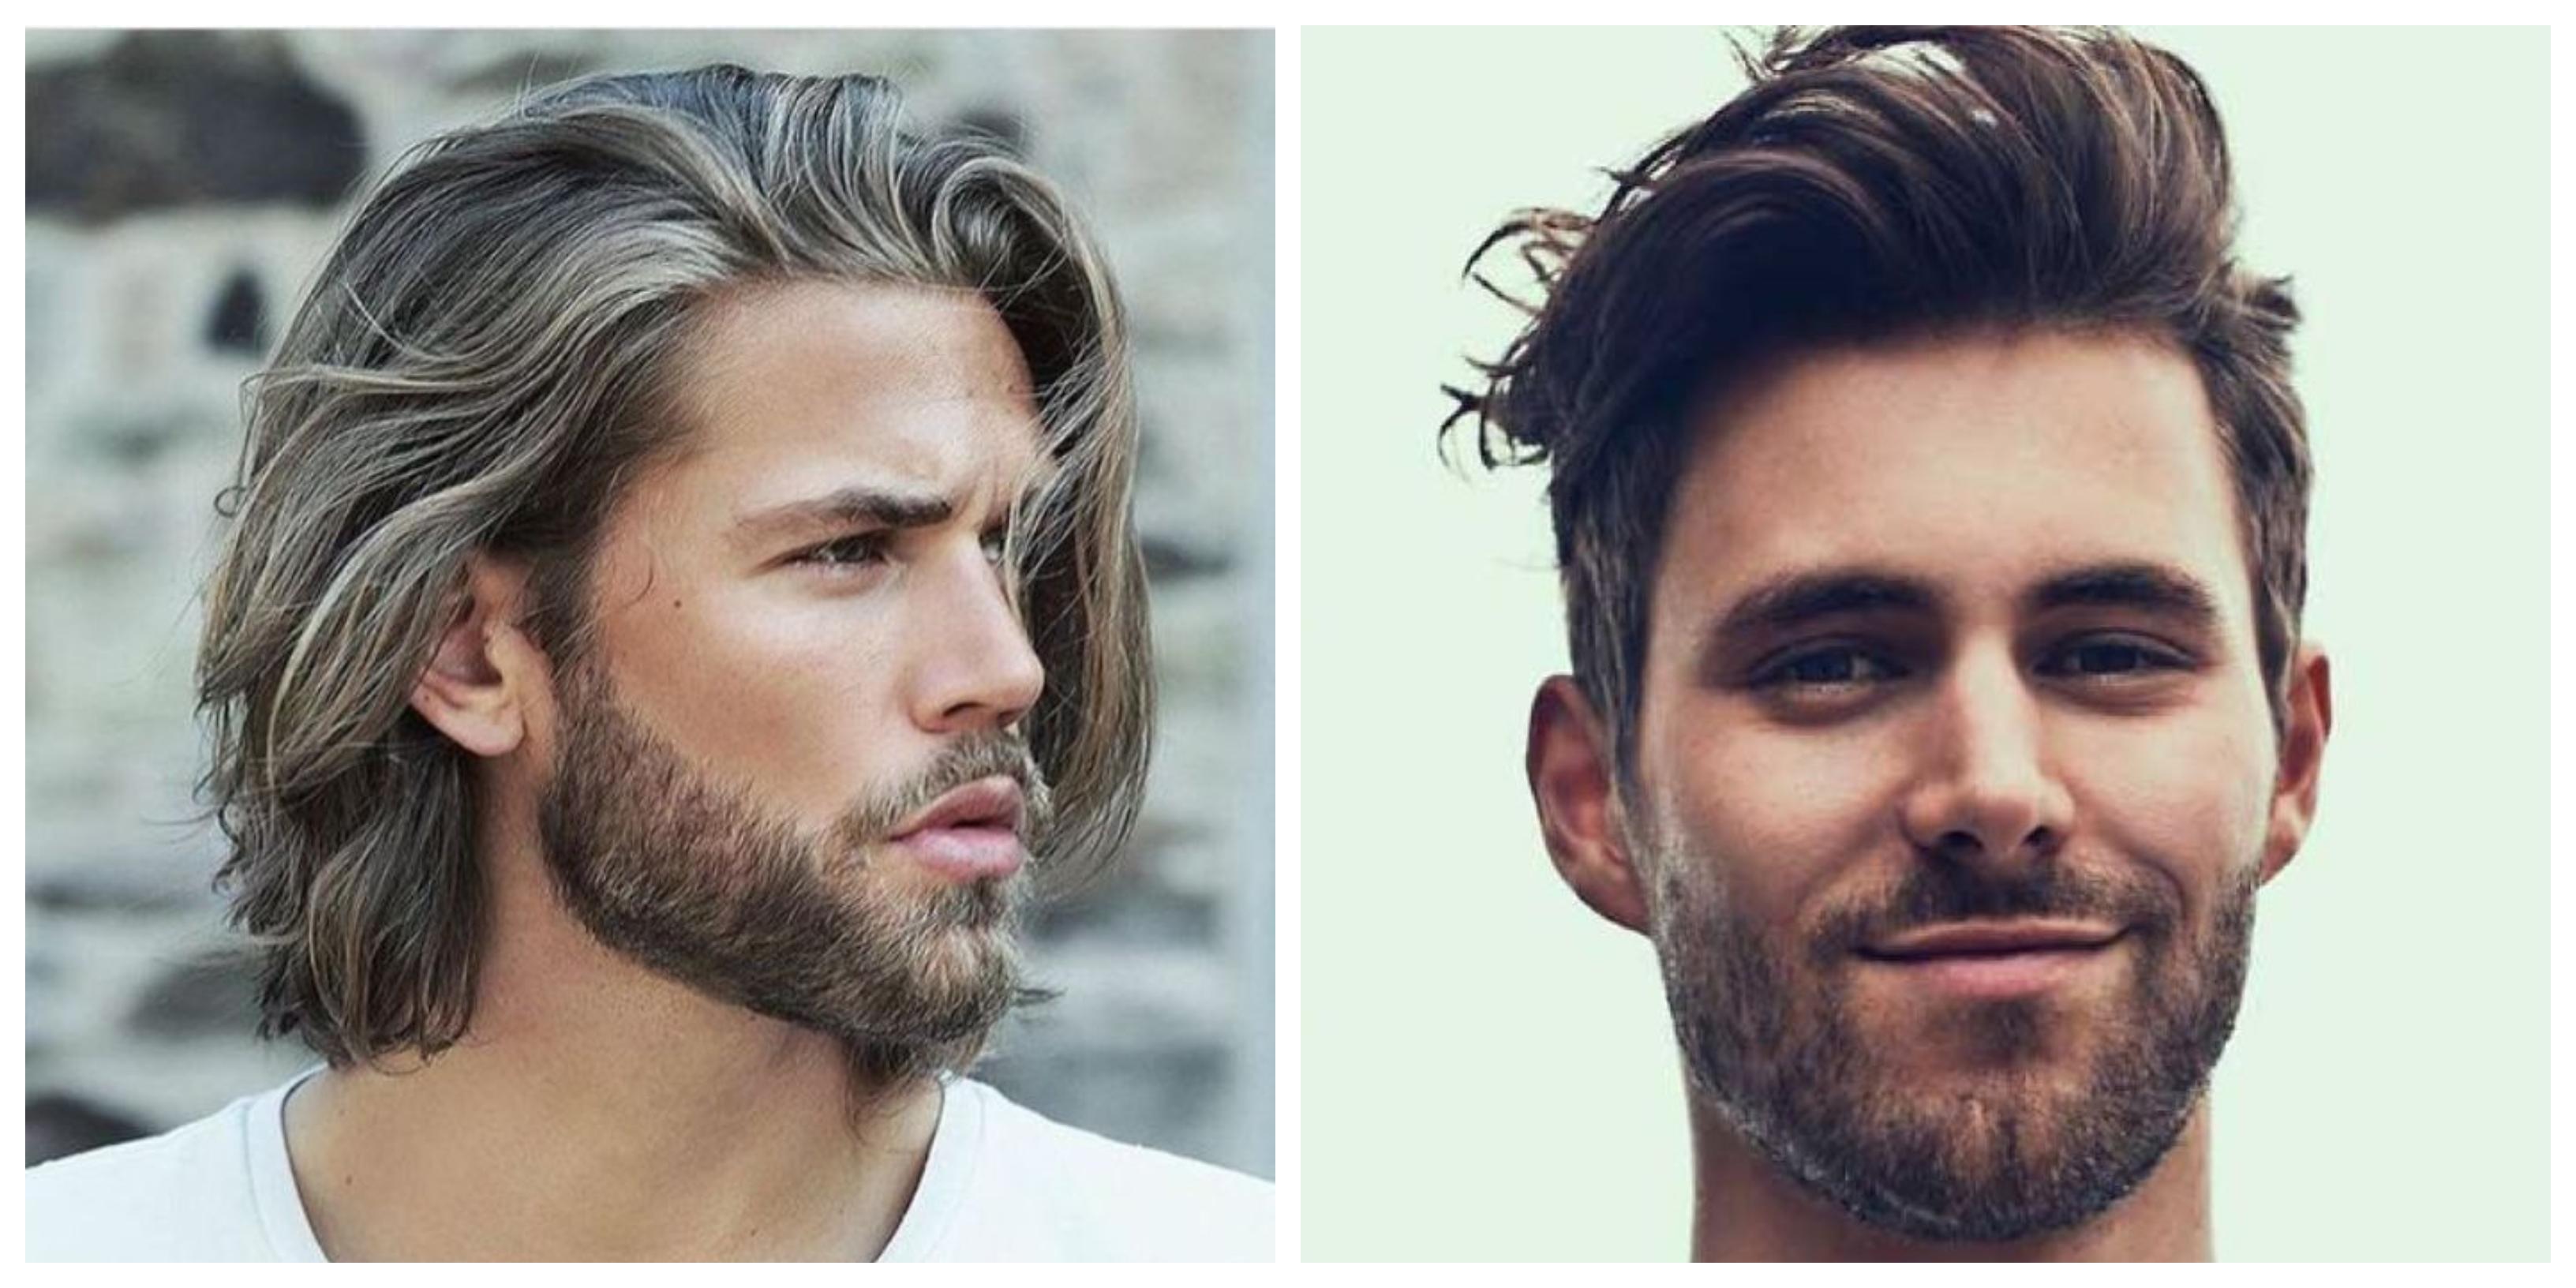 halblange haare, blonder mann mit glatten haaren foto am strand und ein dunkelhaariger mann sehr zufrieden mit seiner frisur